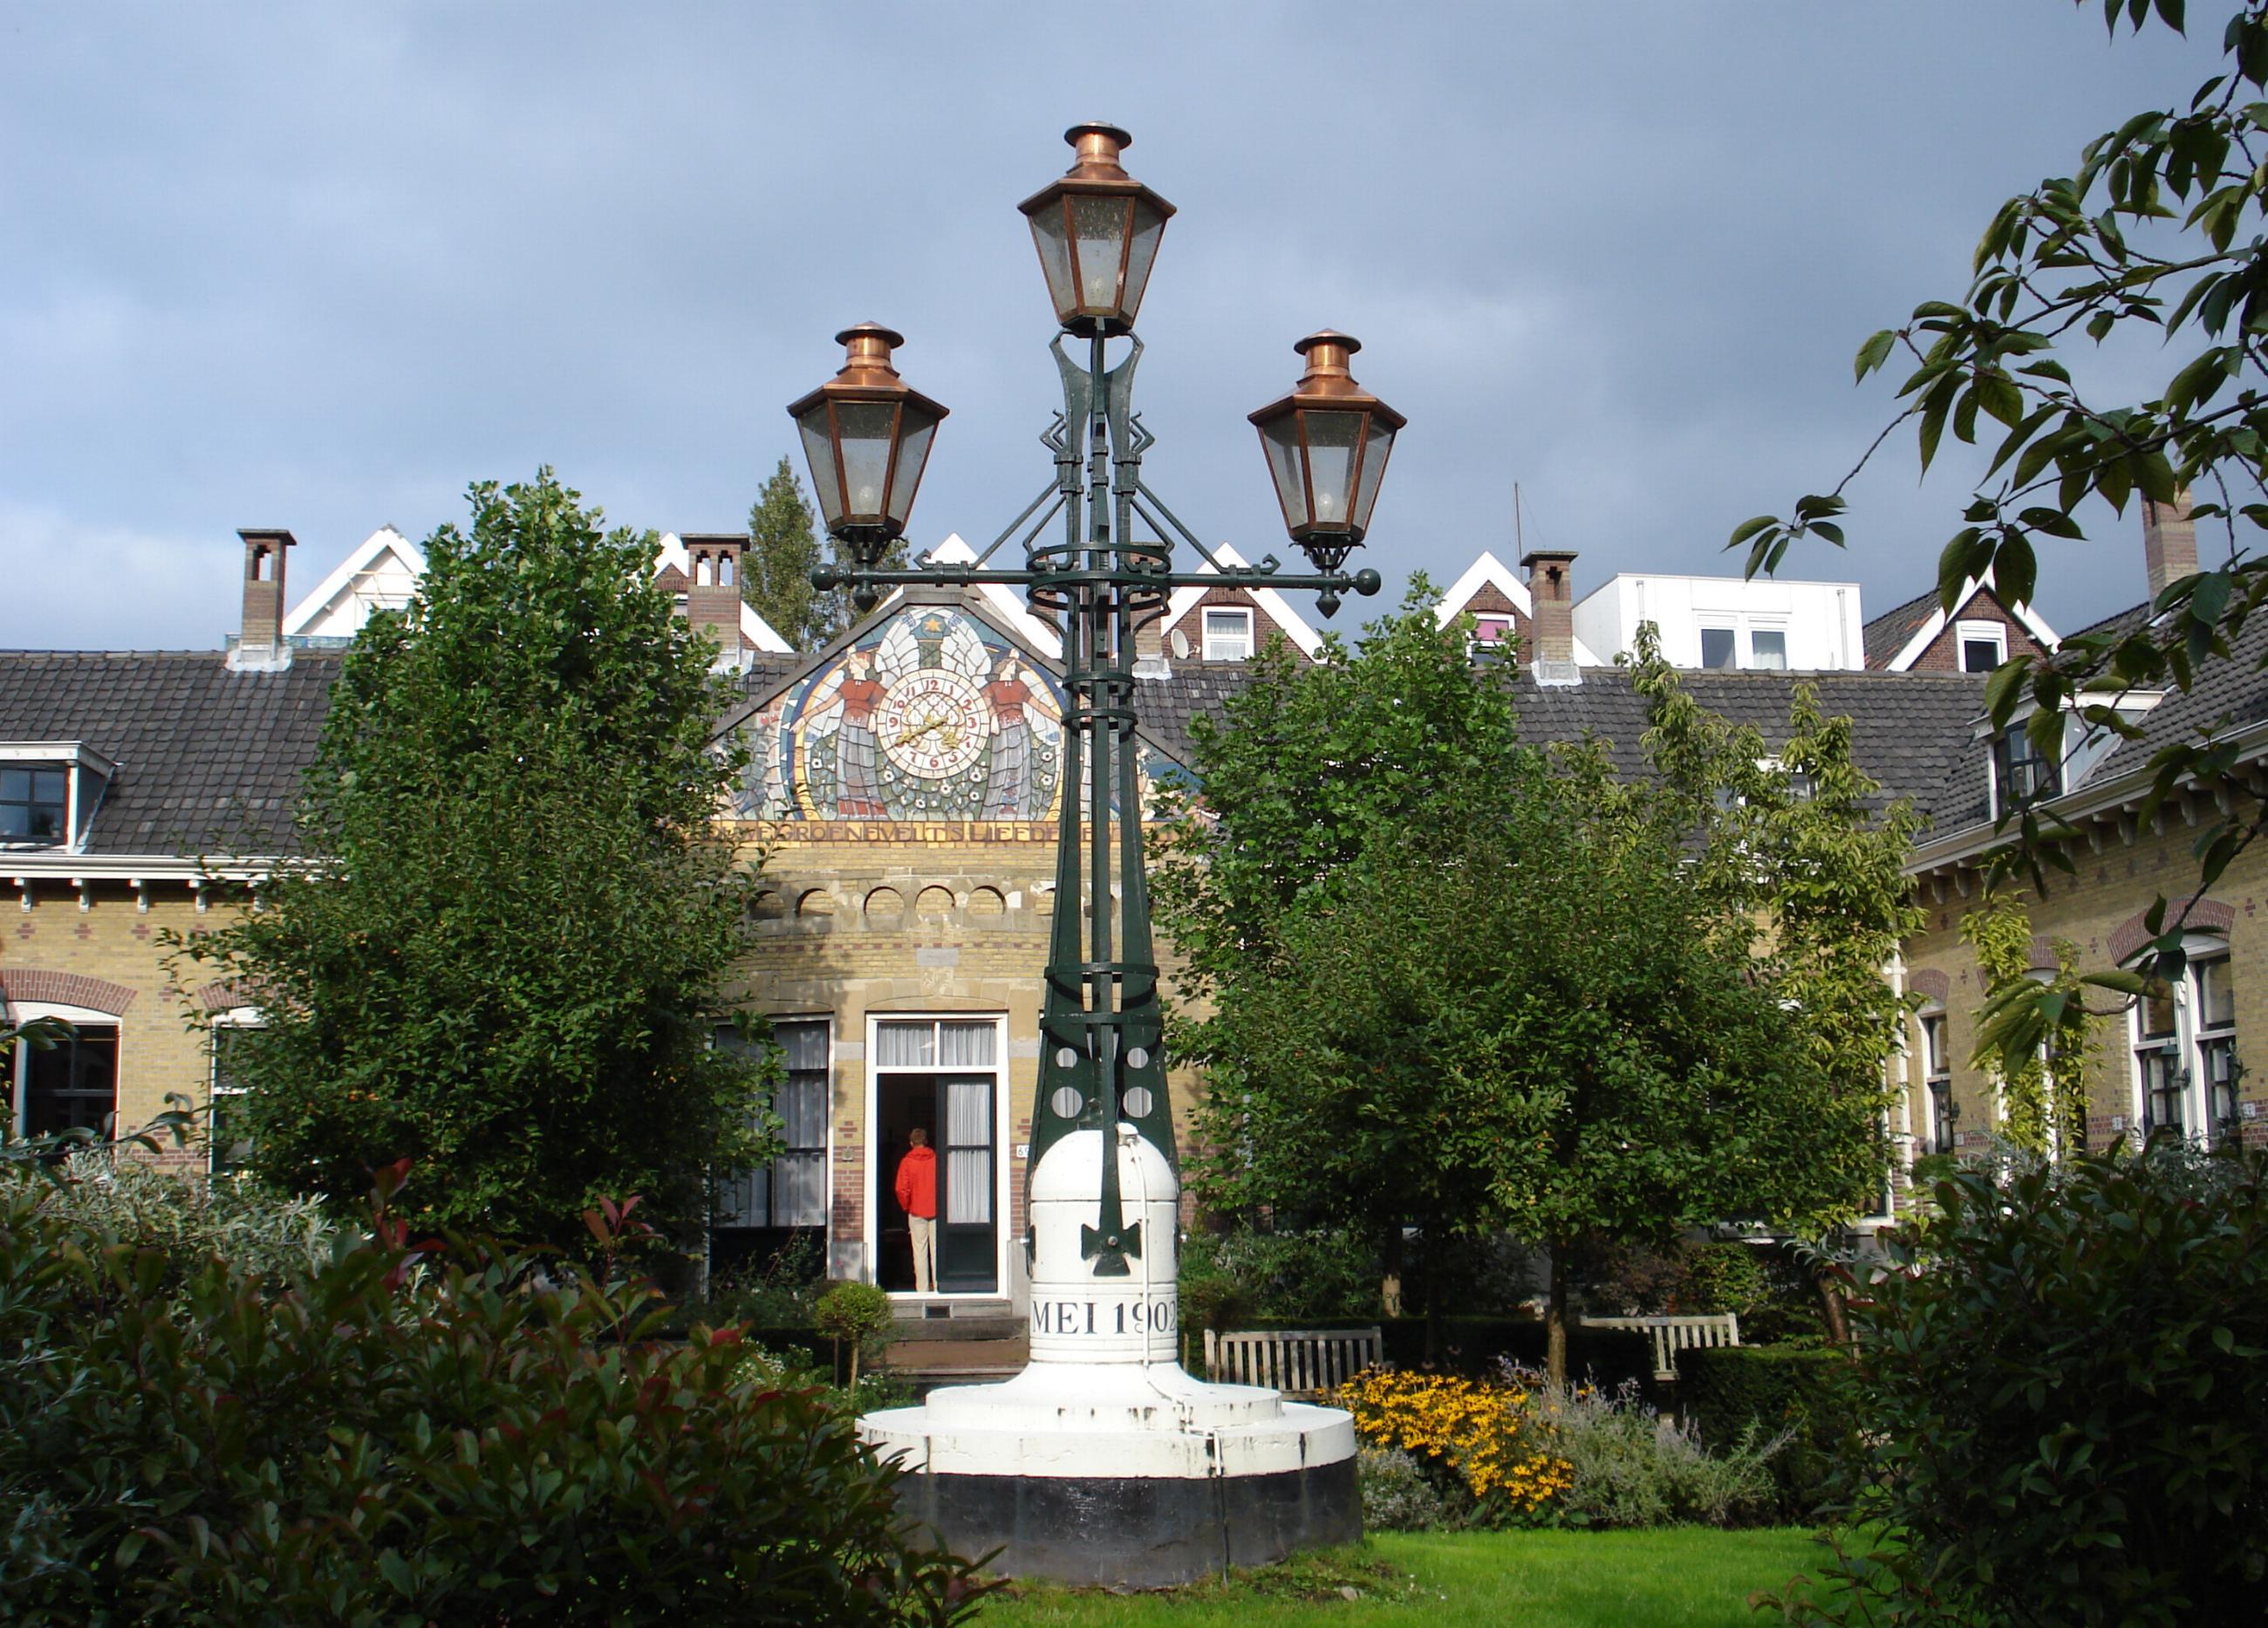 Vrouwe groenevelt 39 s liefdegesticht in rotterdam monument for De lantaarn rotterdam